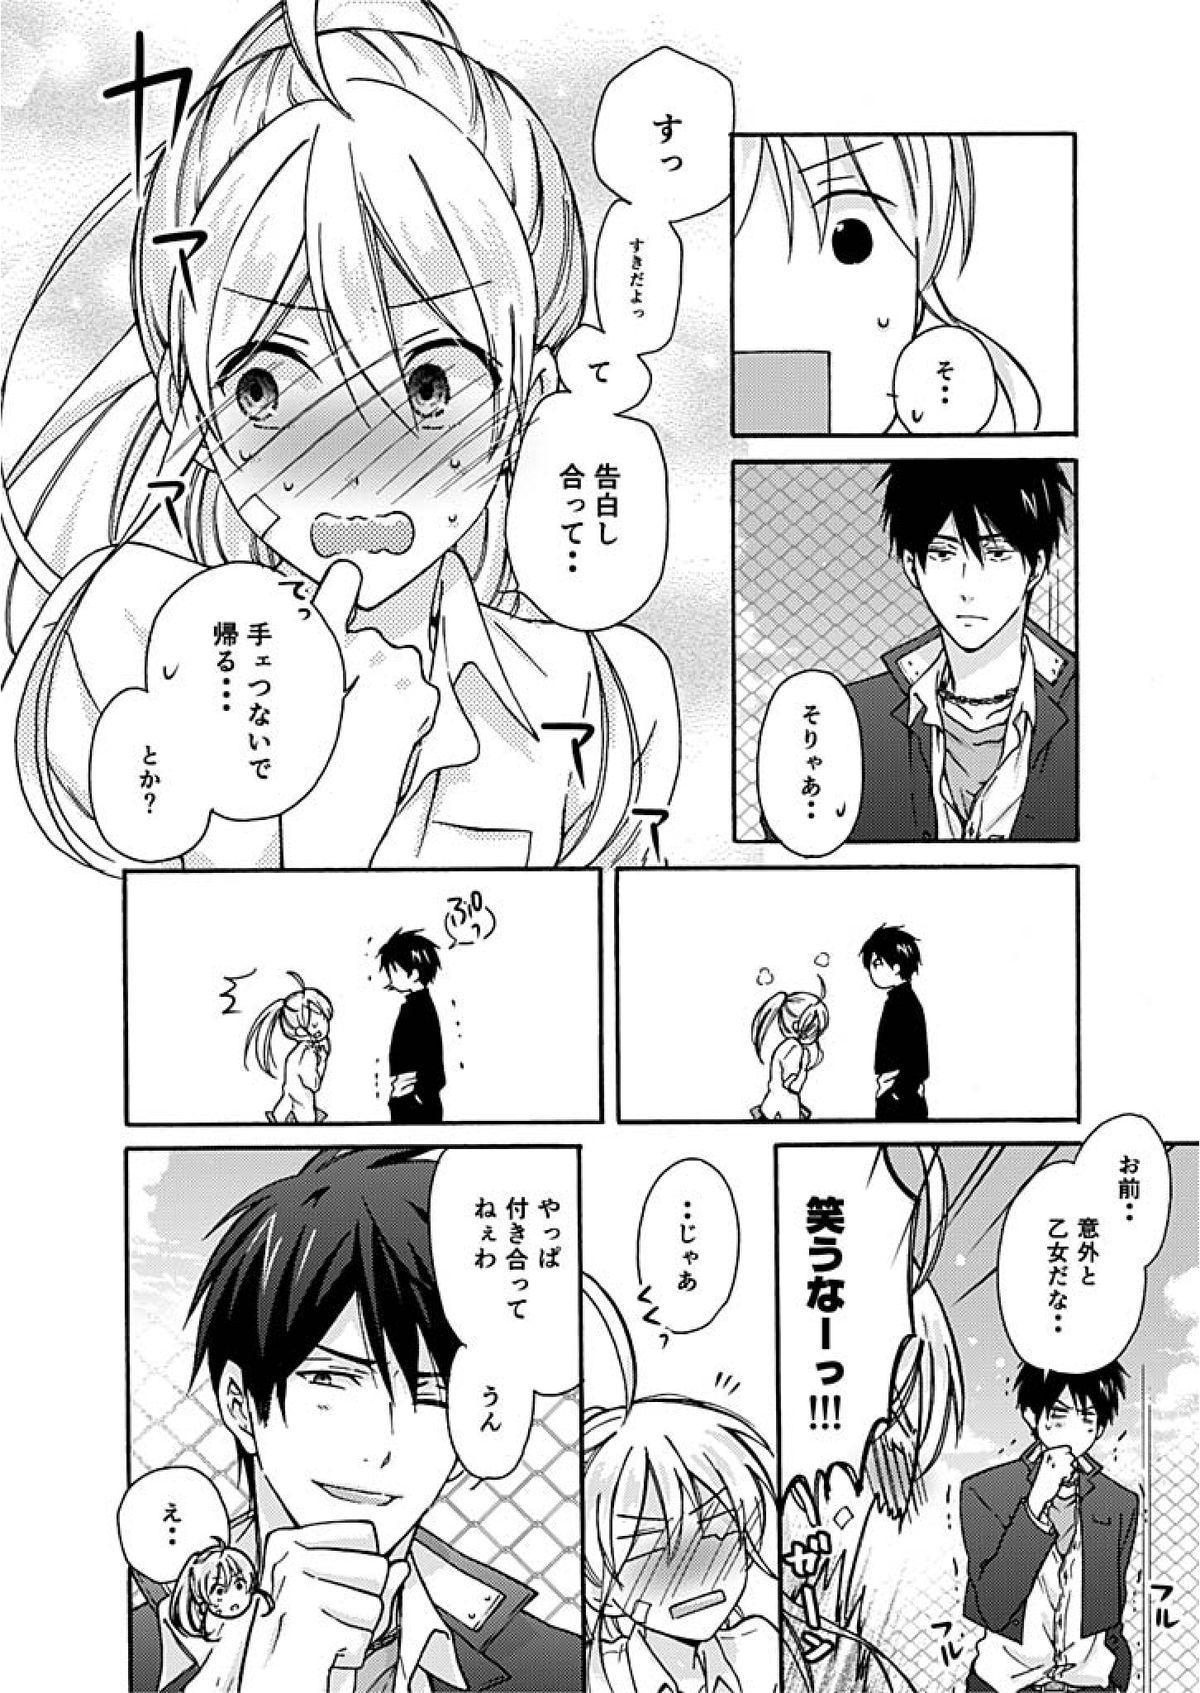 Nyotaika Yankee Gakuen ☆ Ore no Hajimete, Nerawaretemasu. 3 8